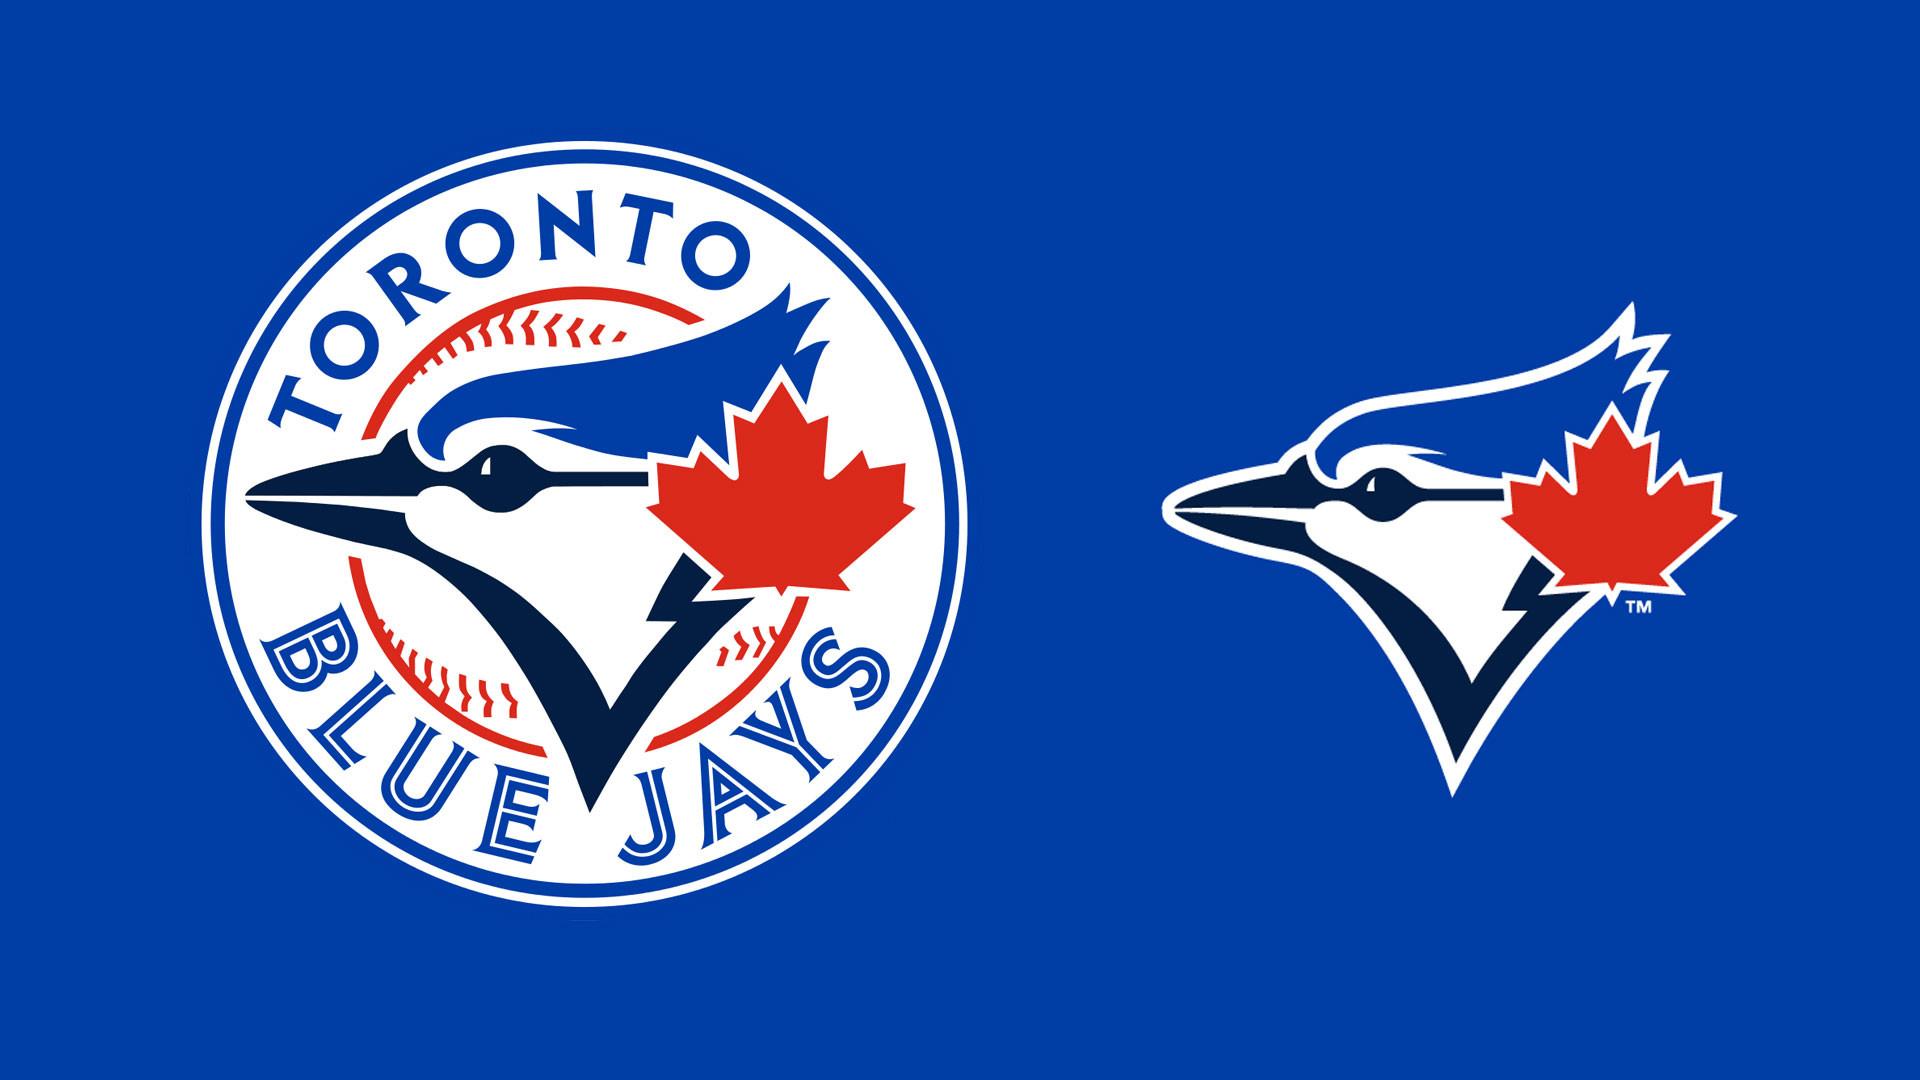 MLB Toronto Blue Jays Logo wallpaper